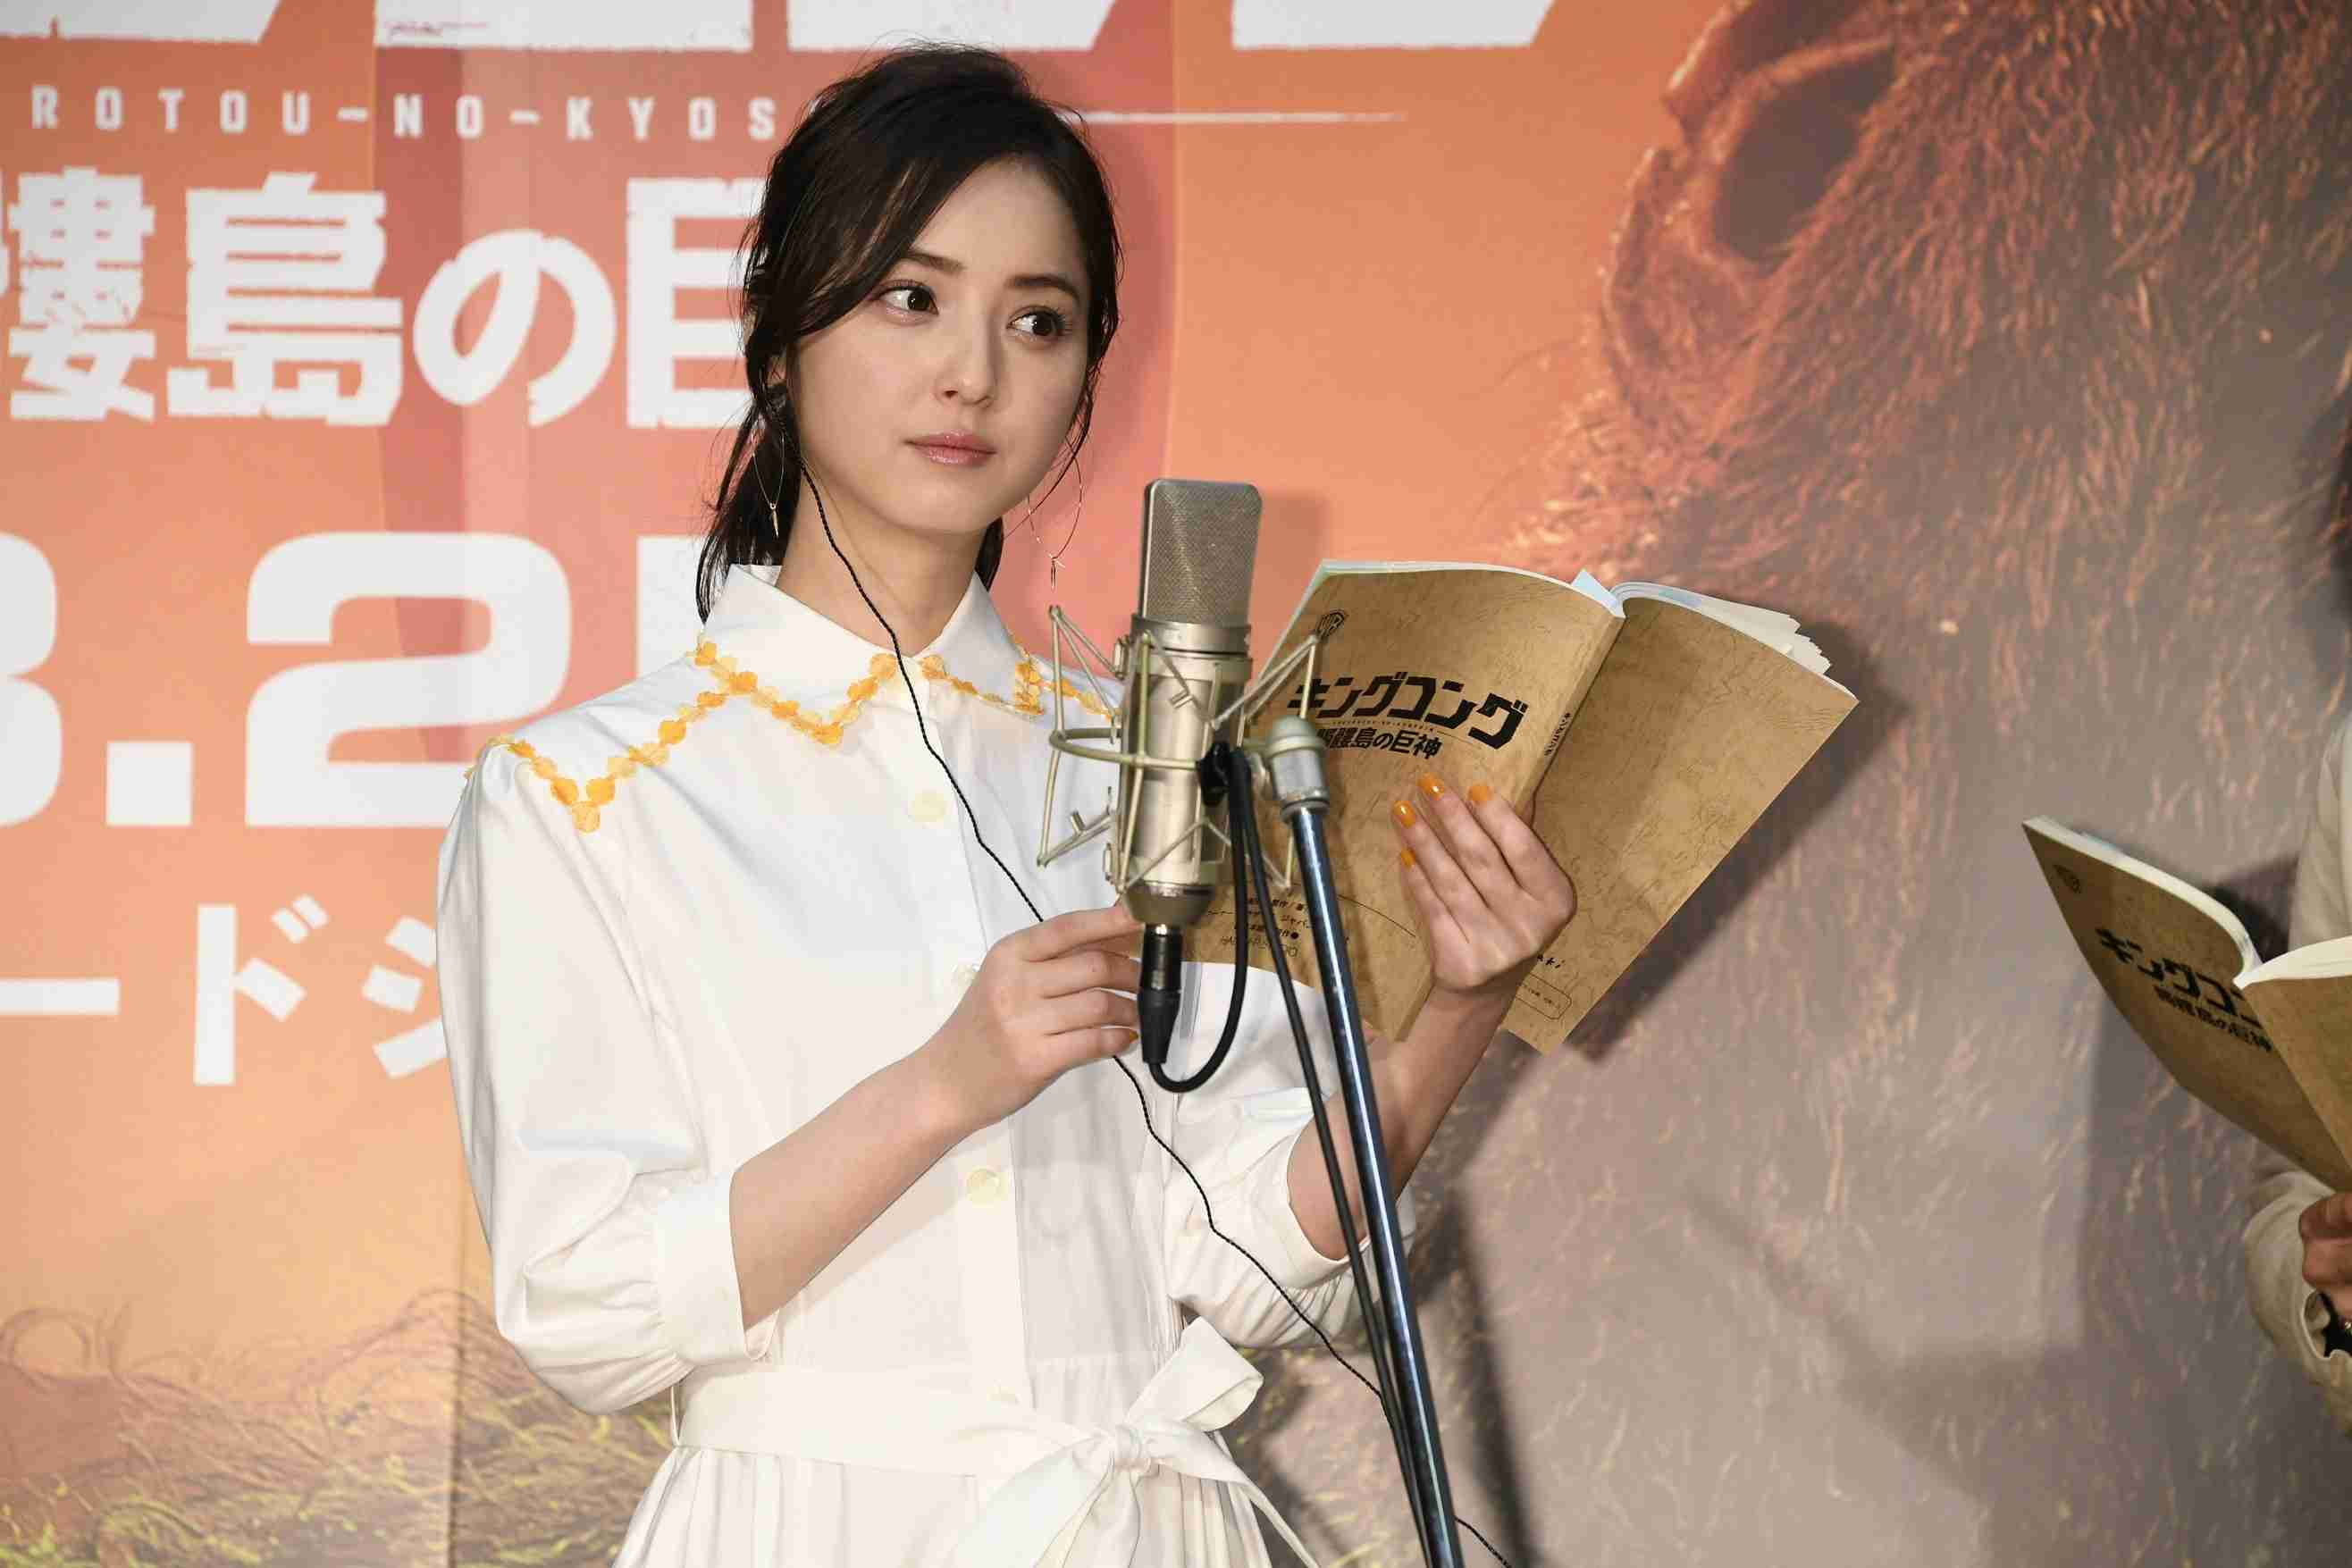 佐々木希のヘタすぎる公開アフレコに「篠田麻里子の二の舞い」を危惧する声